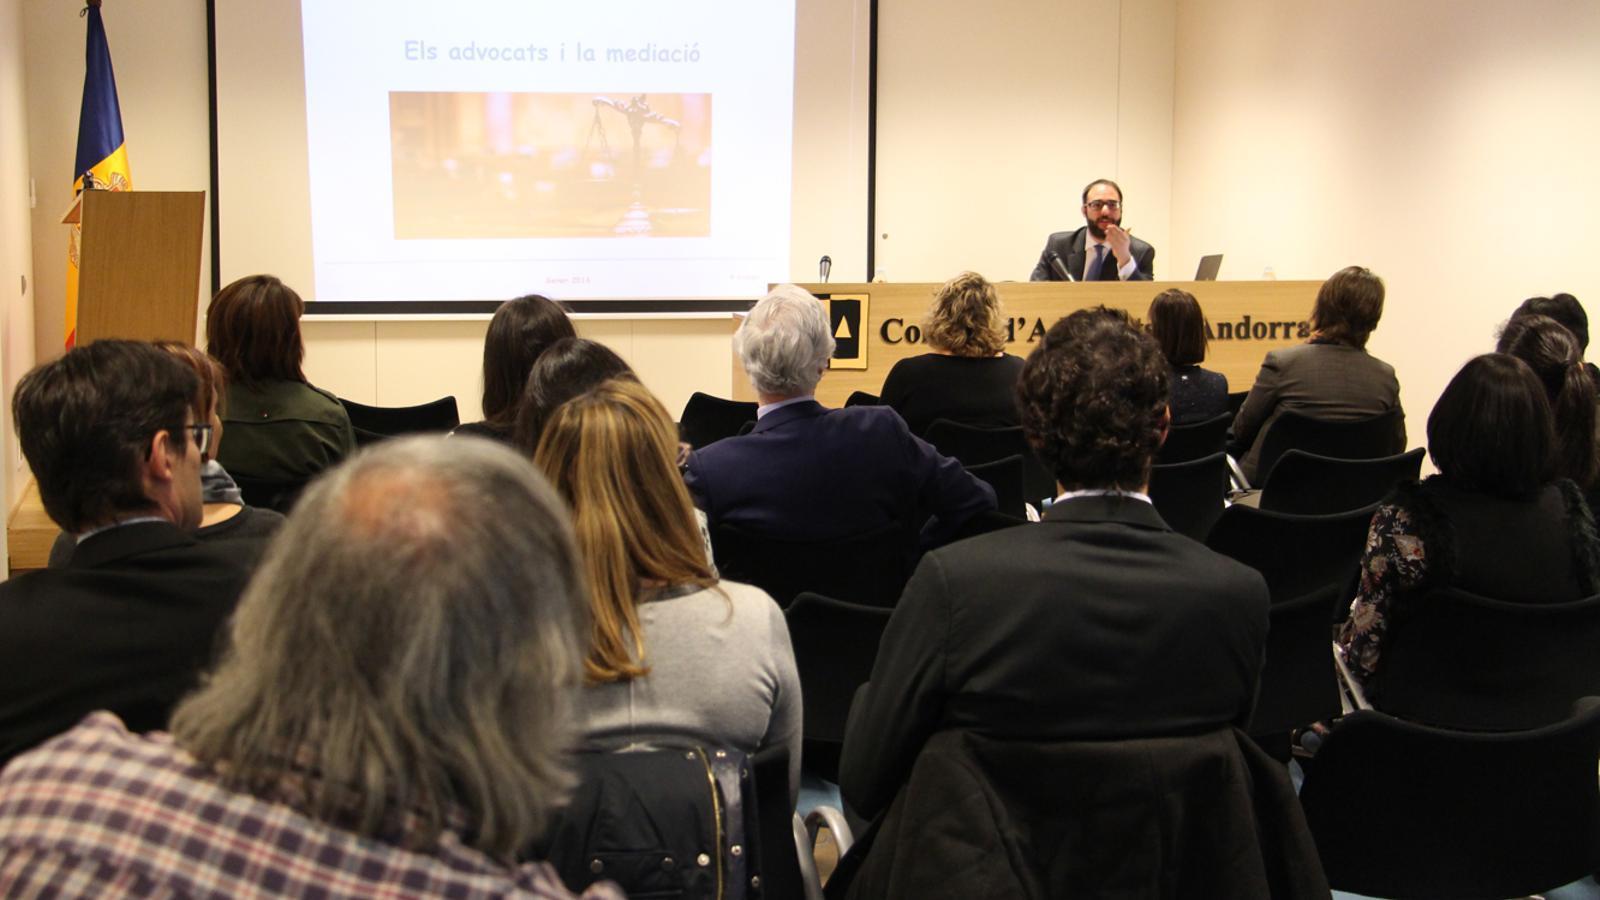 Conferència 'La mediació i la relació entre advocats i mediadors'./M.B. (ANA)